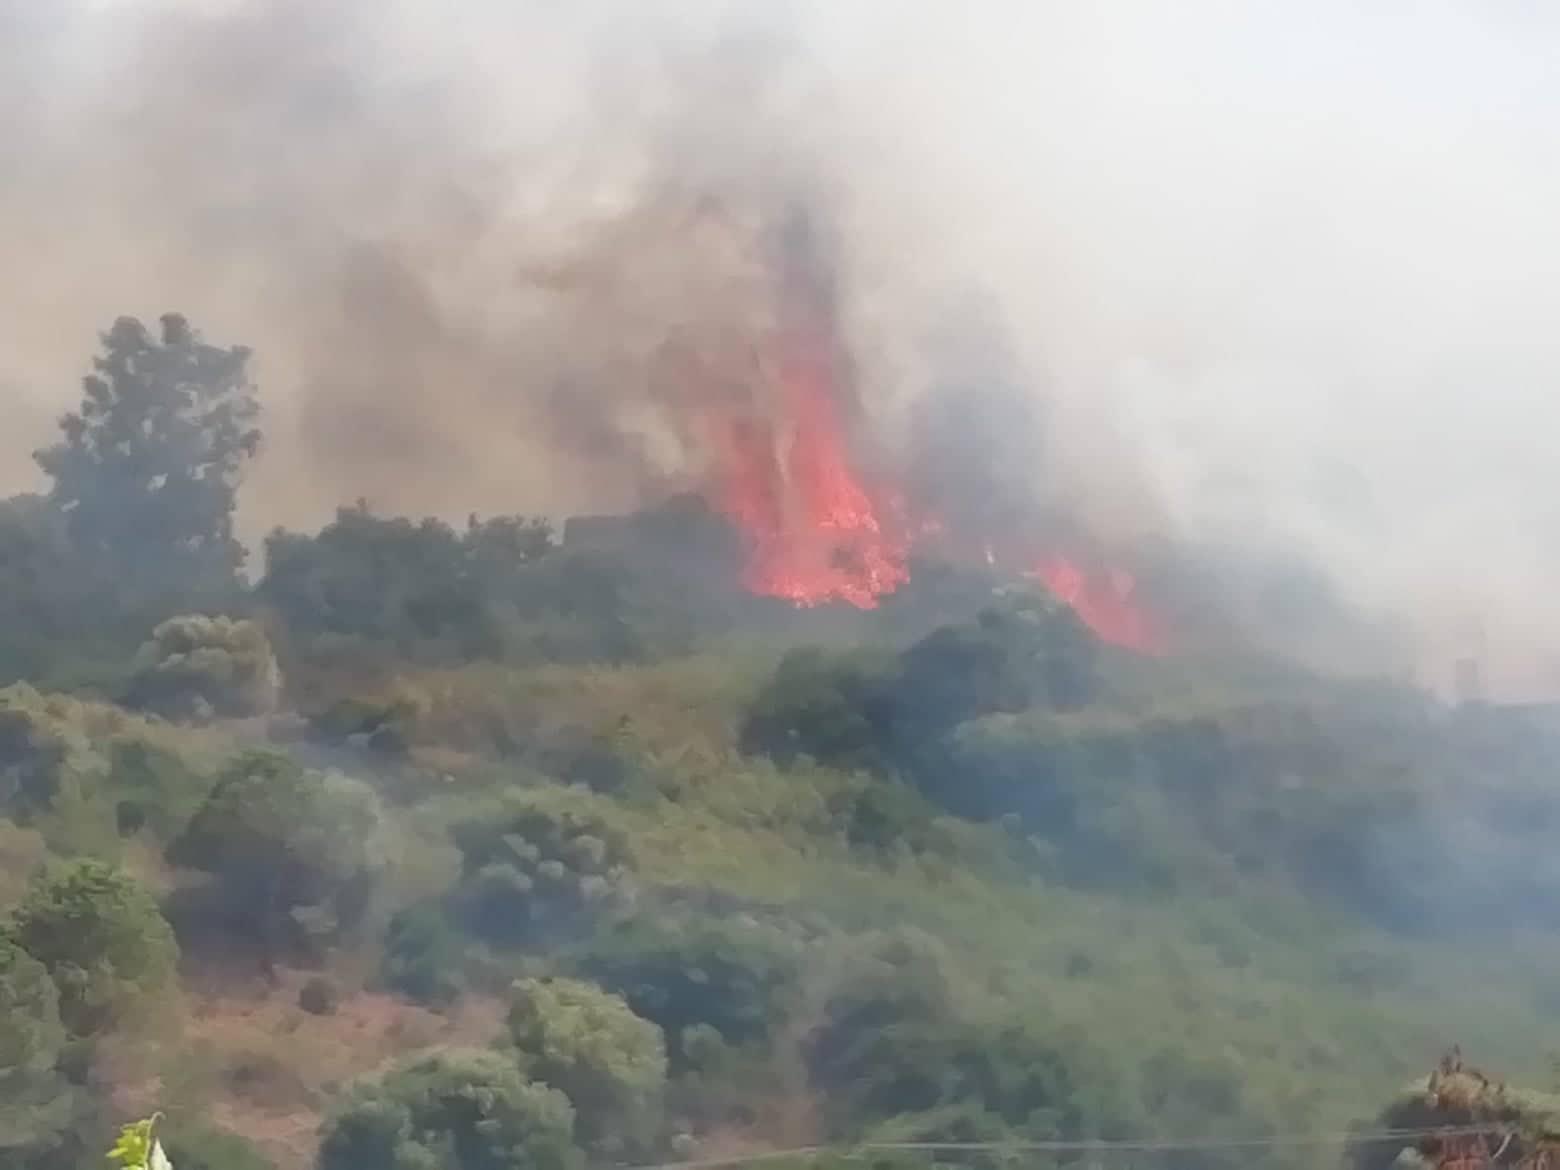 Incendio ad Agnone Bagni, pericolo vicino alle zone balneari: fiamme alte e fumo – FOTO e VIDEO